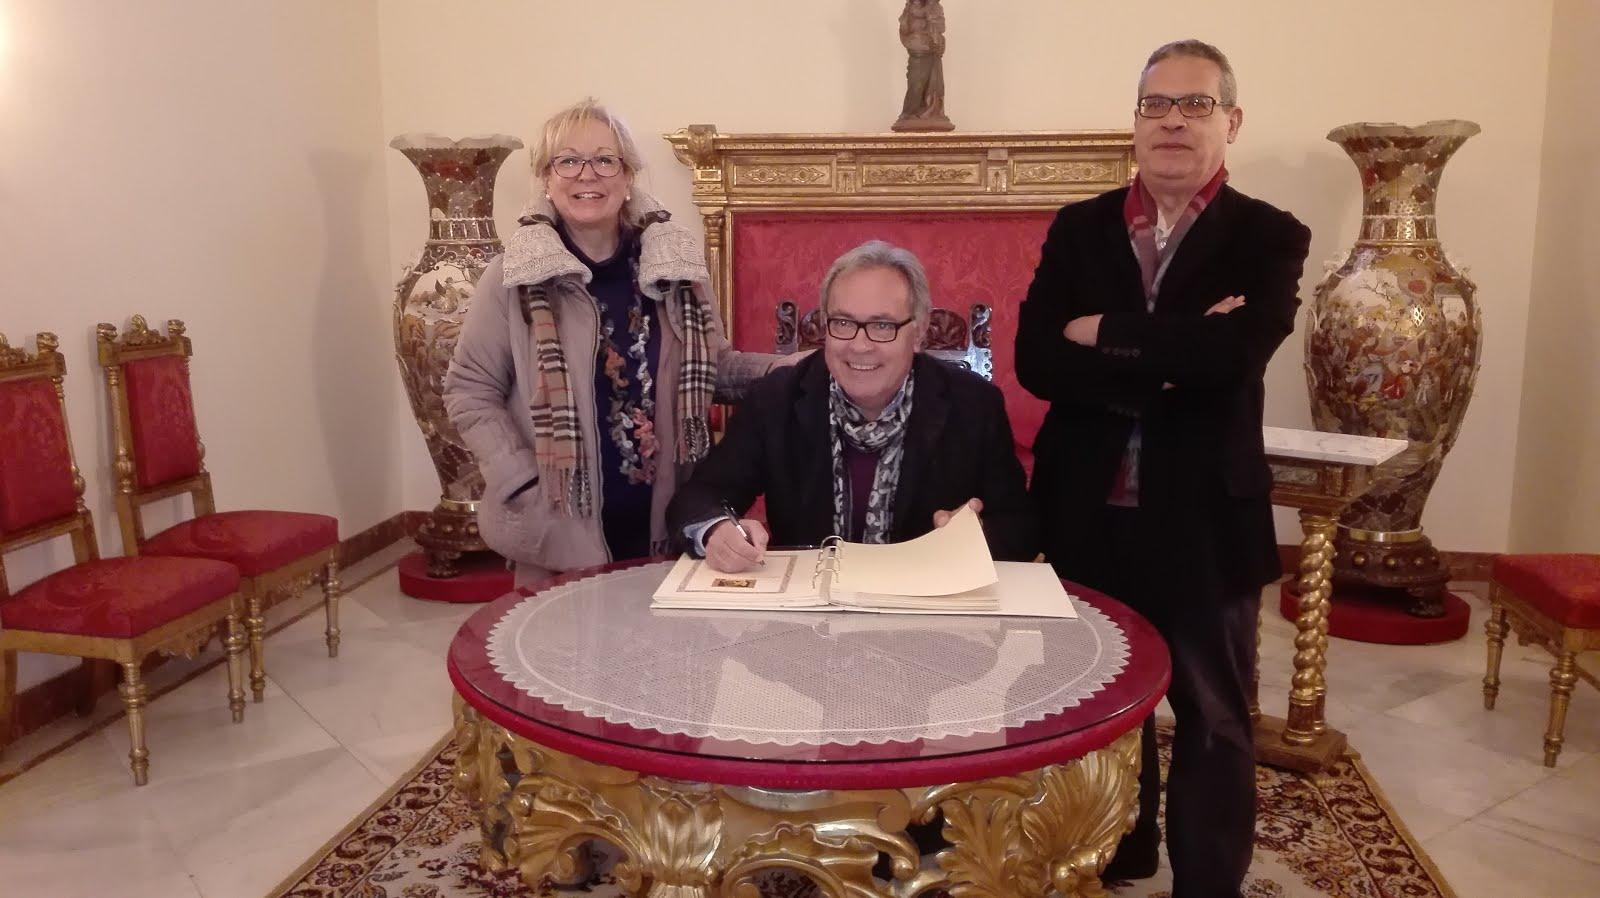 Peregrinació de l'Associació de Concerts de Reus al Santuari de Misericòrdia (22-11-2015)